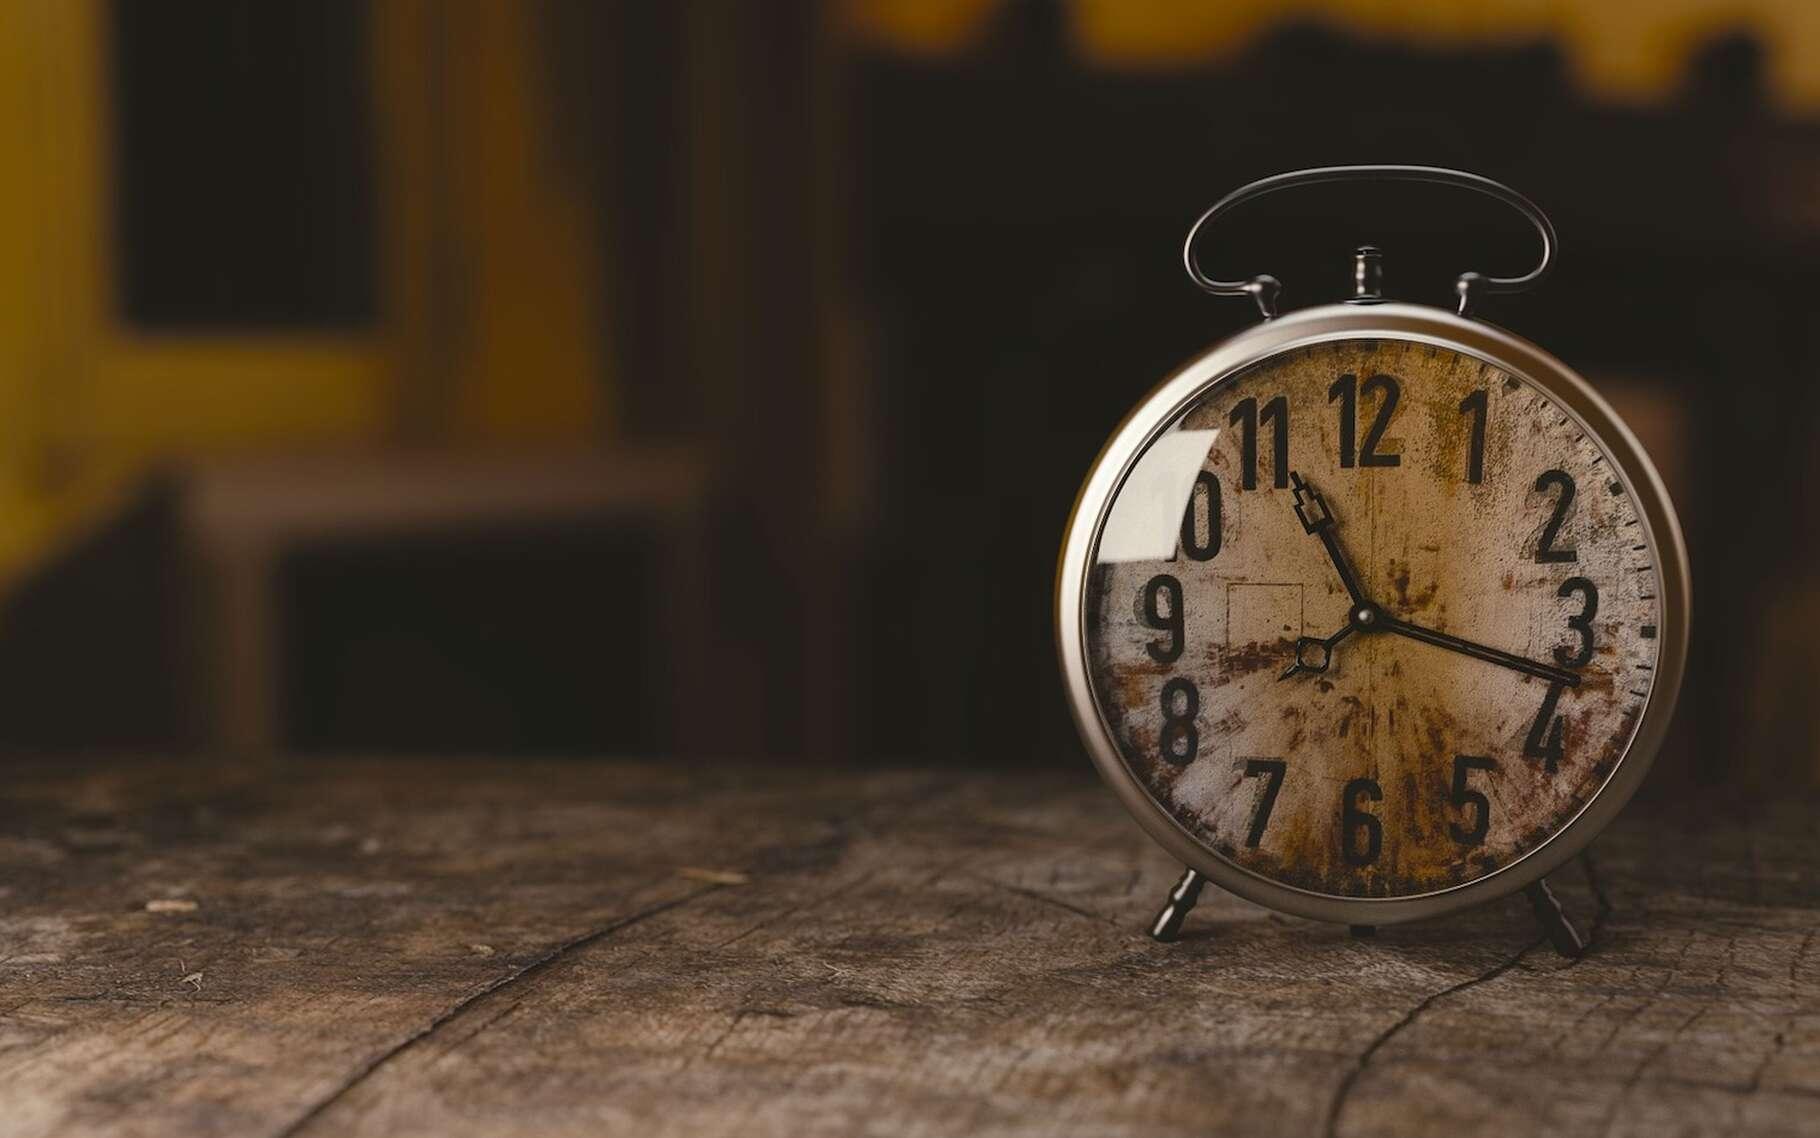 Des physiciens suisses sont parvenus à mesurer une durée infime sans avoir recours à une horloge. © Monoar, Pixabay, CC0 Public Domain